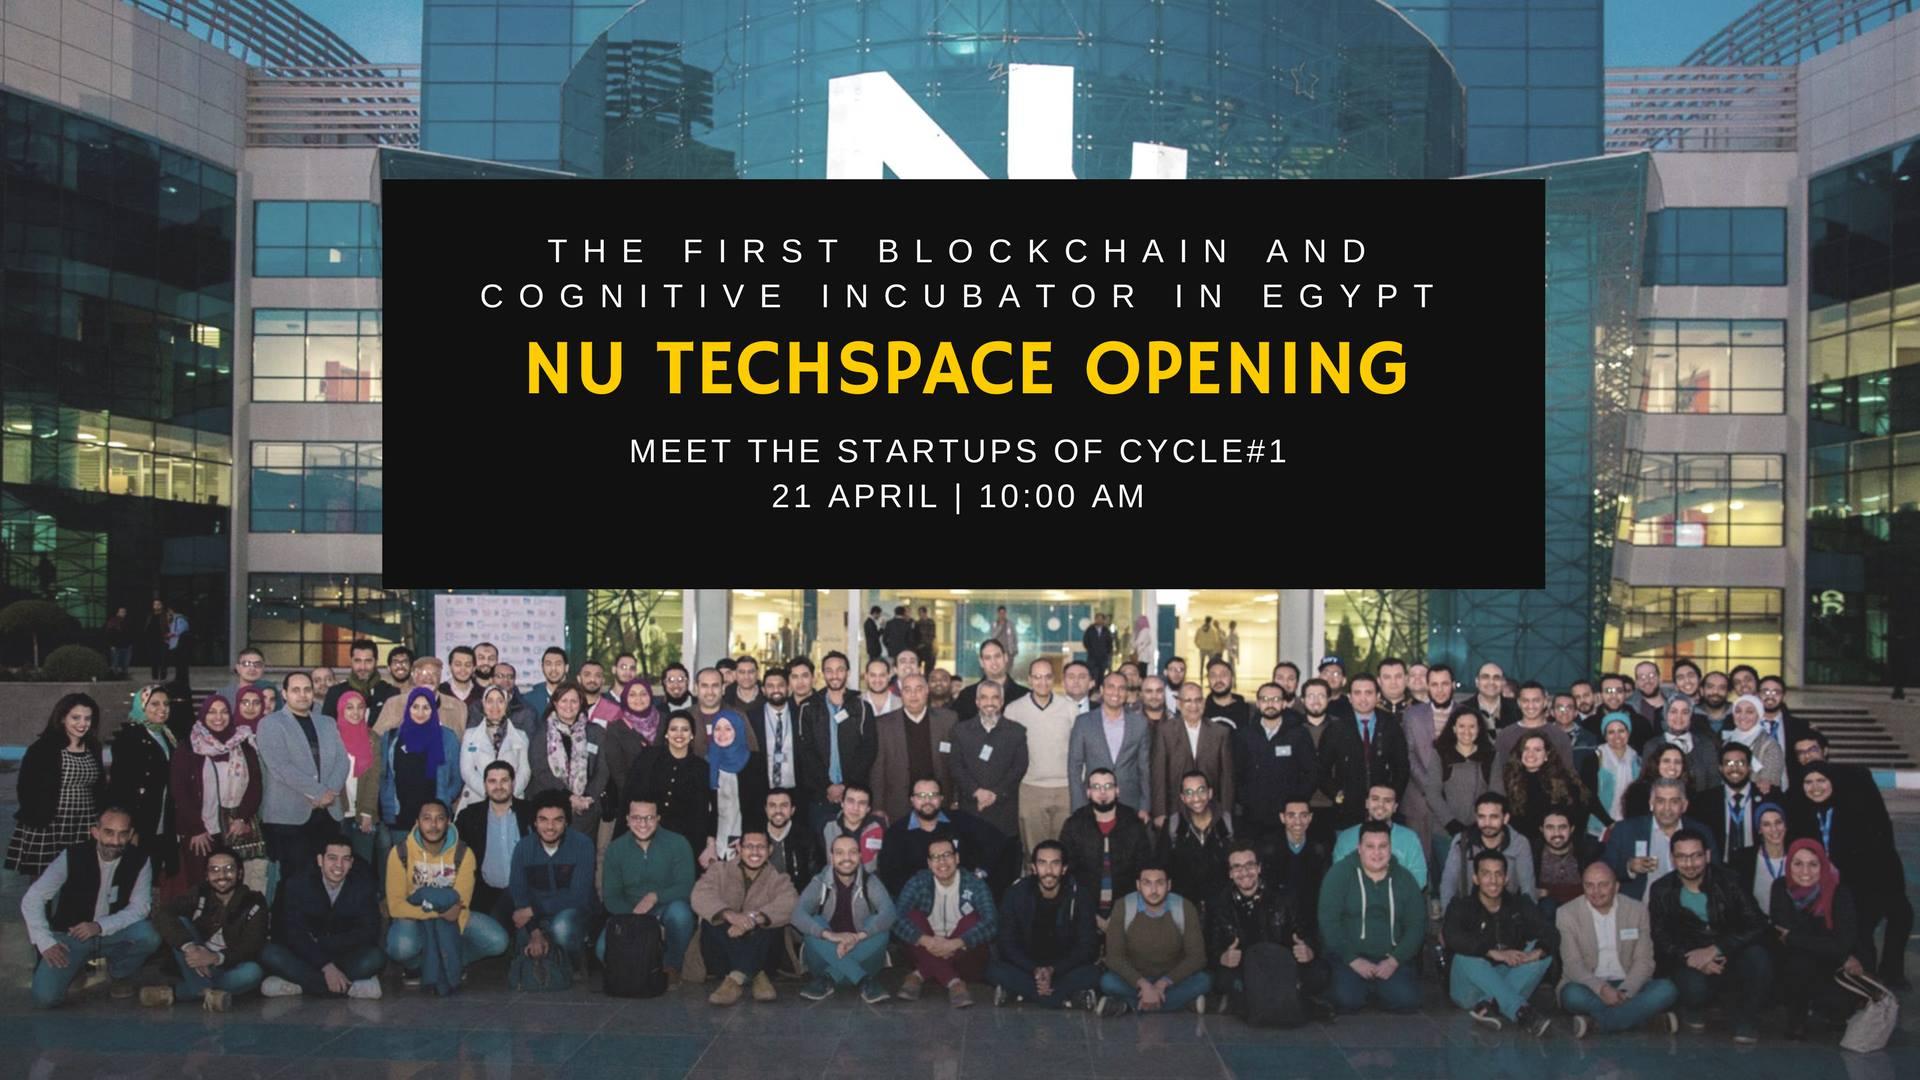 افتتاح NU TechSpace